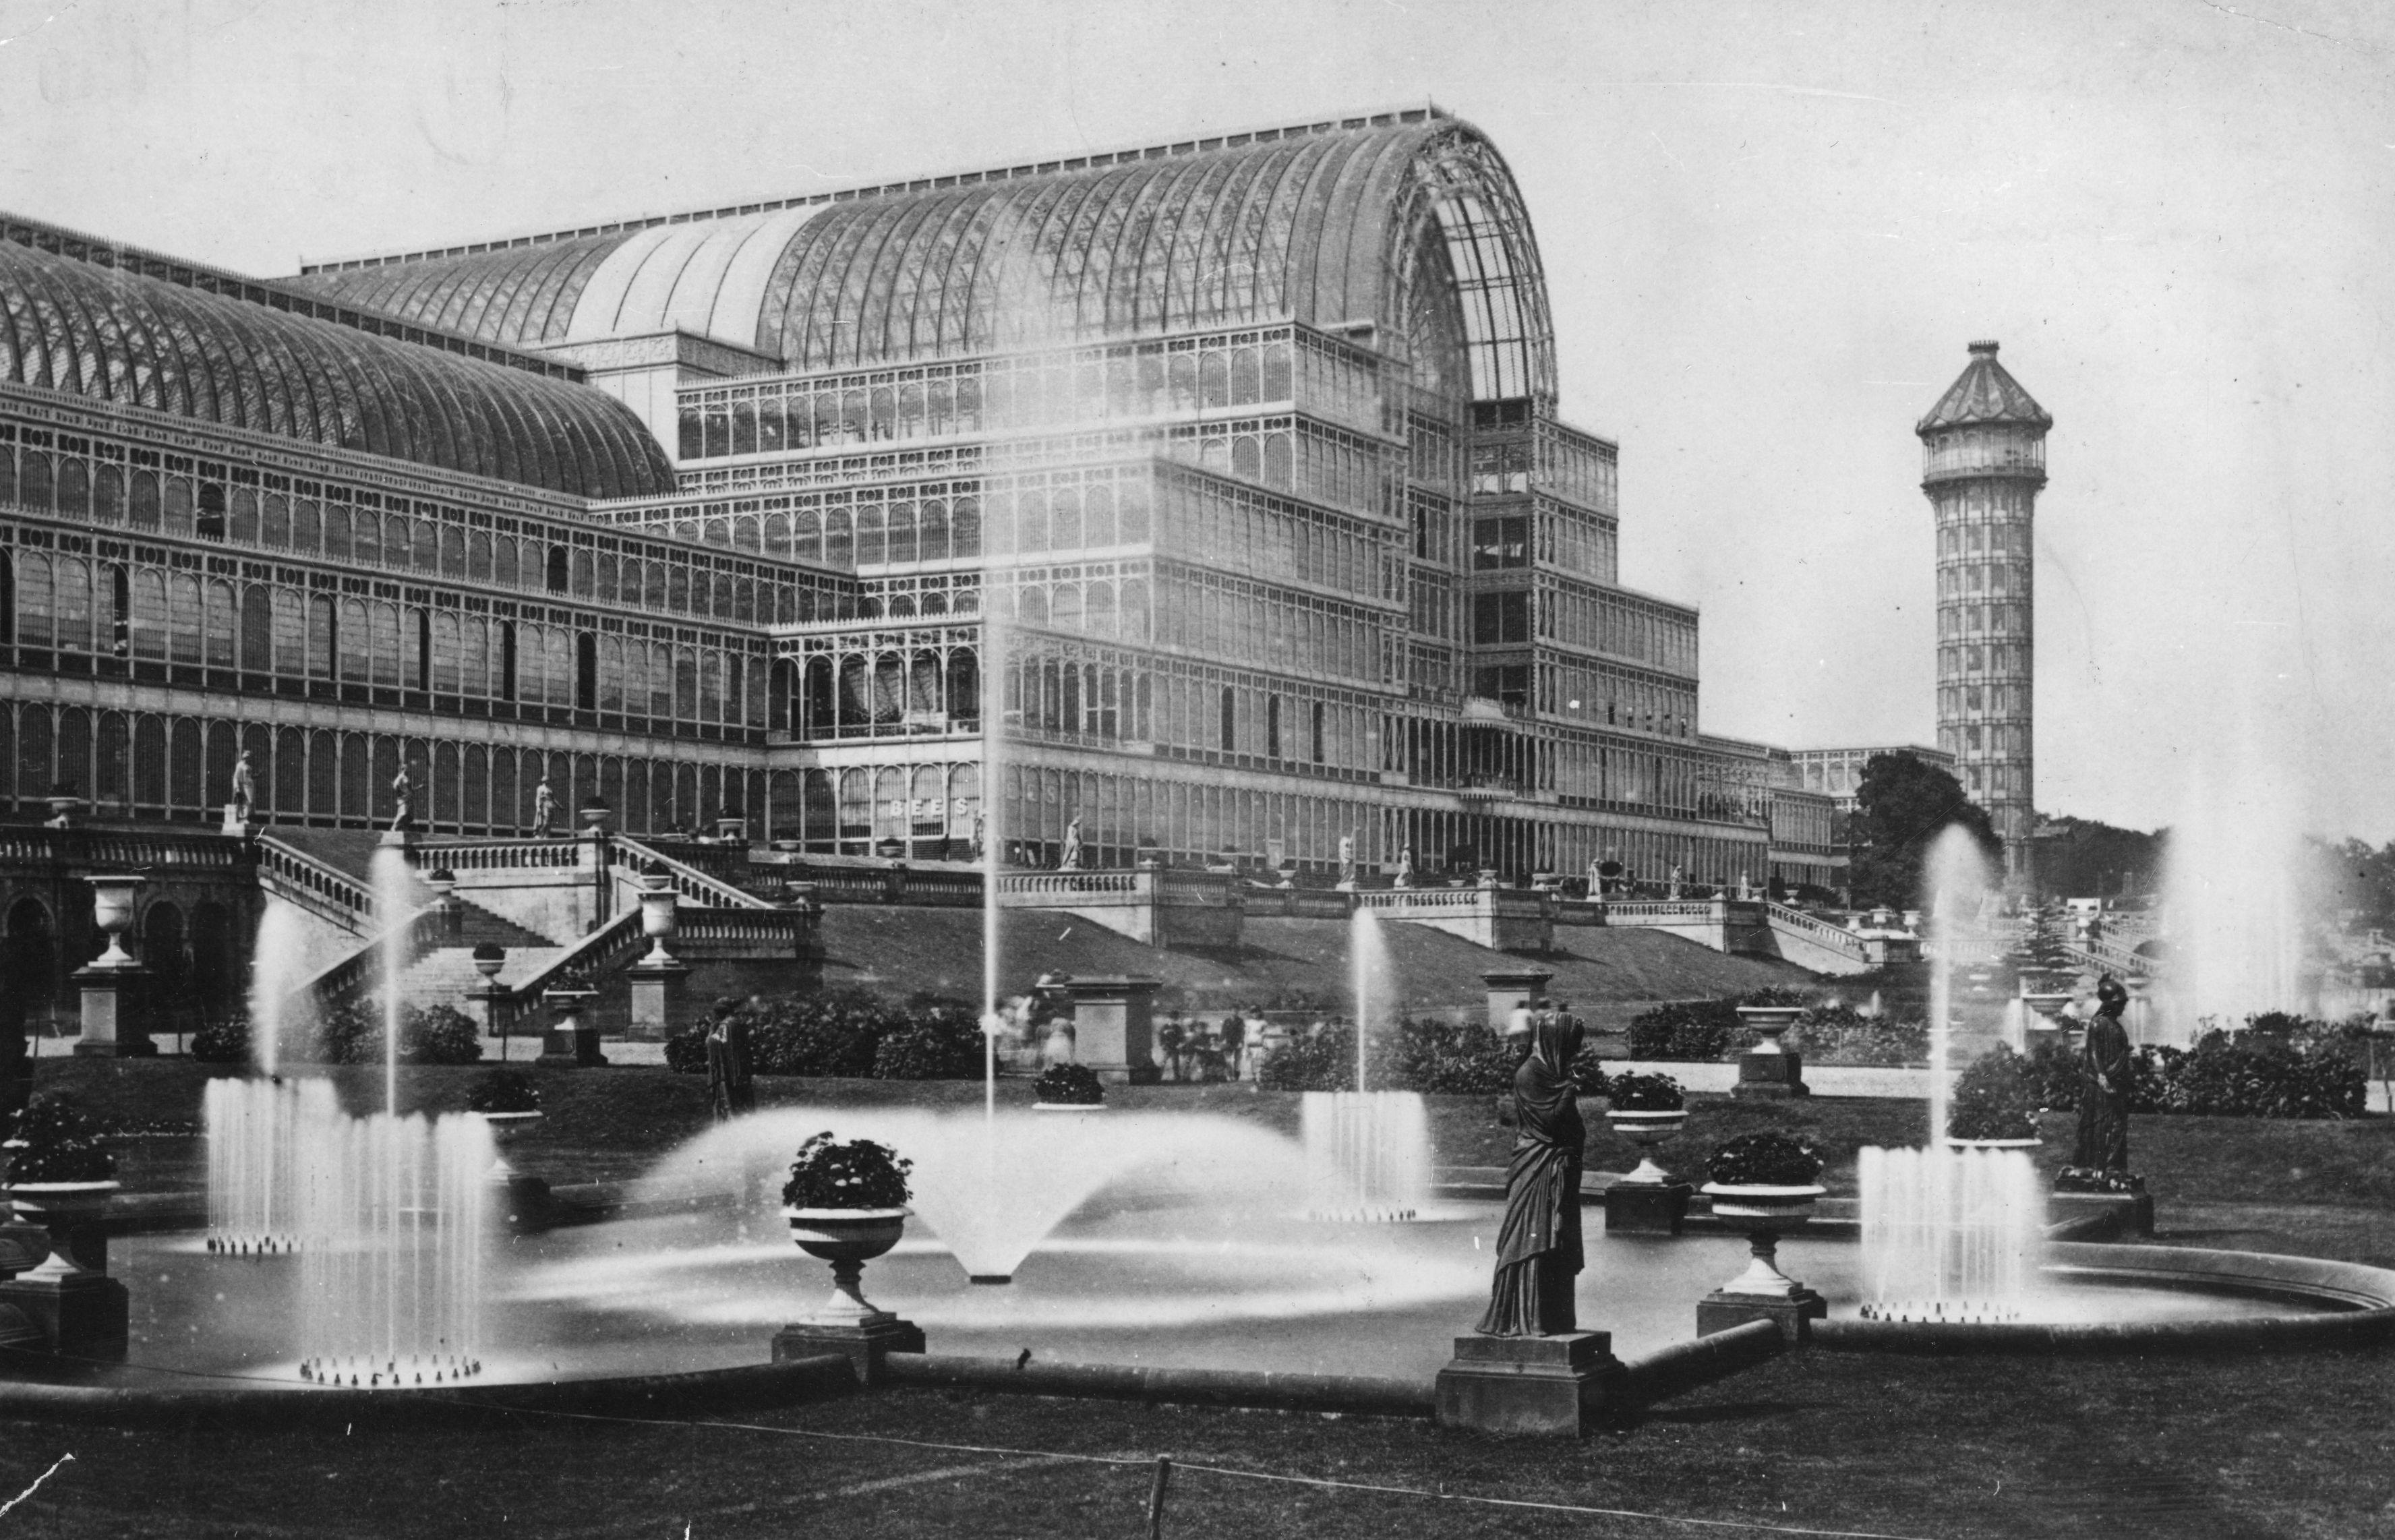 1936 година, Лондон.<br /> Кристалният двореценоваторсказа времето си сграда отжелязоистъкло, издигната вЛондонскияХайд Паркпо повод провеждането наГолямото изложениепрез 1851 г.В двореца са били разположени щандовете на над 14 хиляди изложители от цял свят, демонстриращи достиженията наИндустриалната революция.